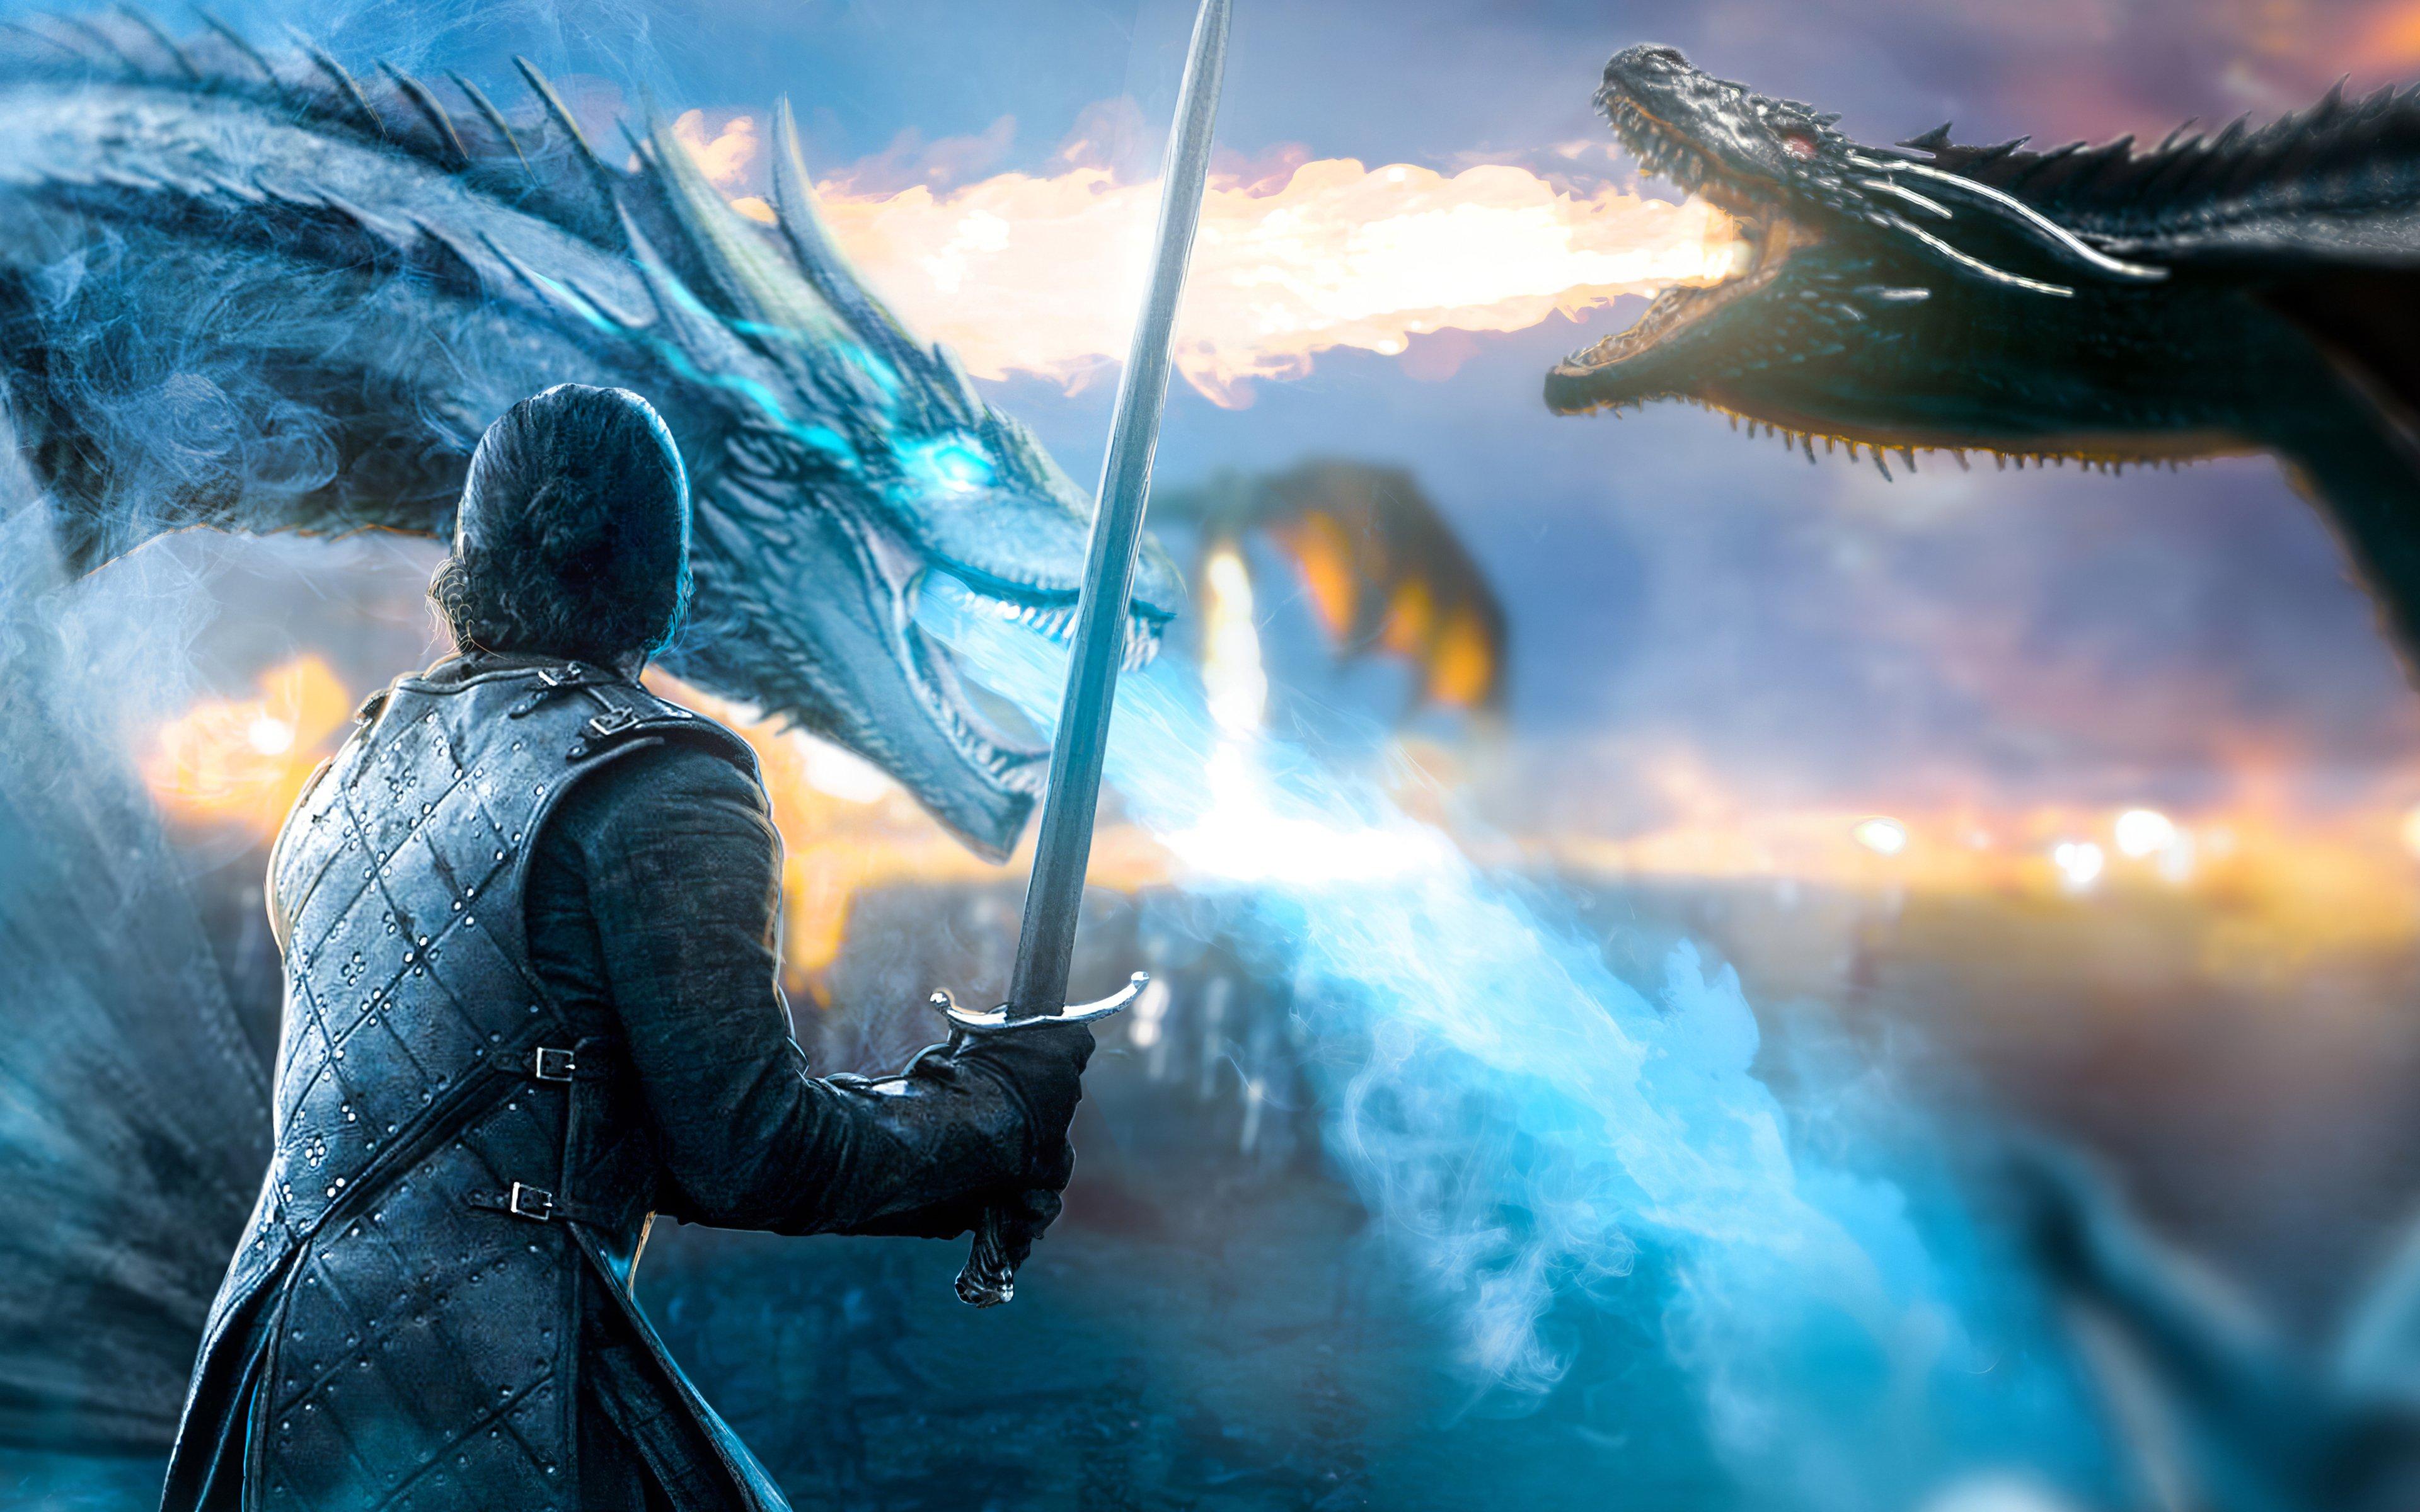 Fondos de pantalla Jon Snow con dragón de Juego de Tronos